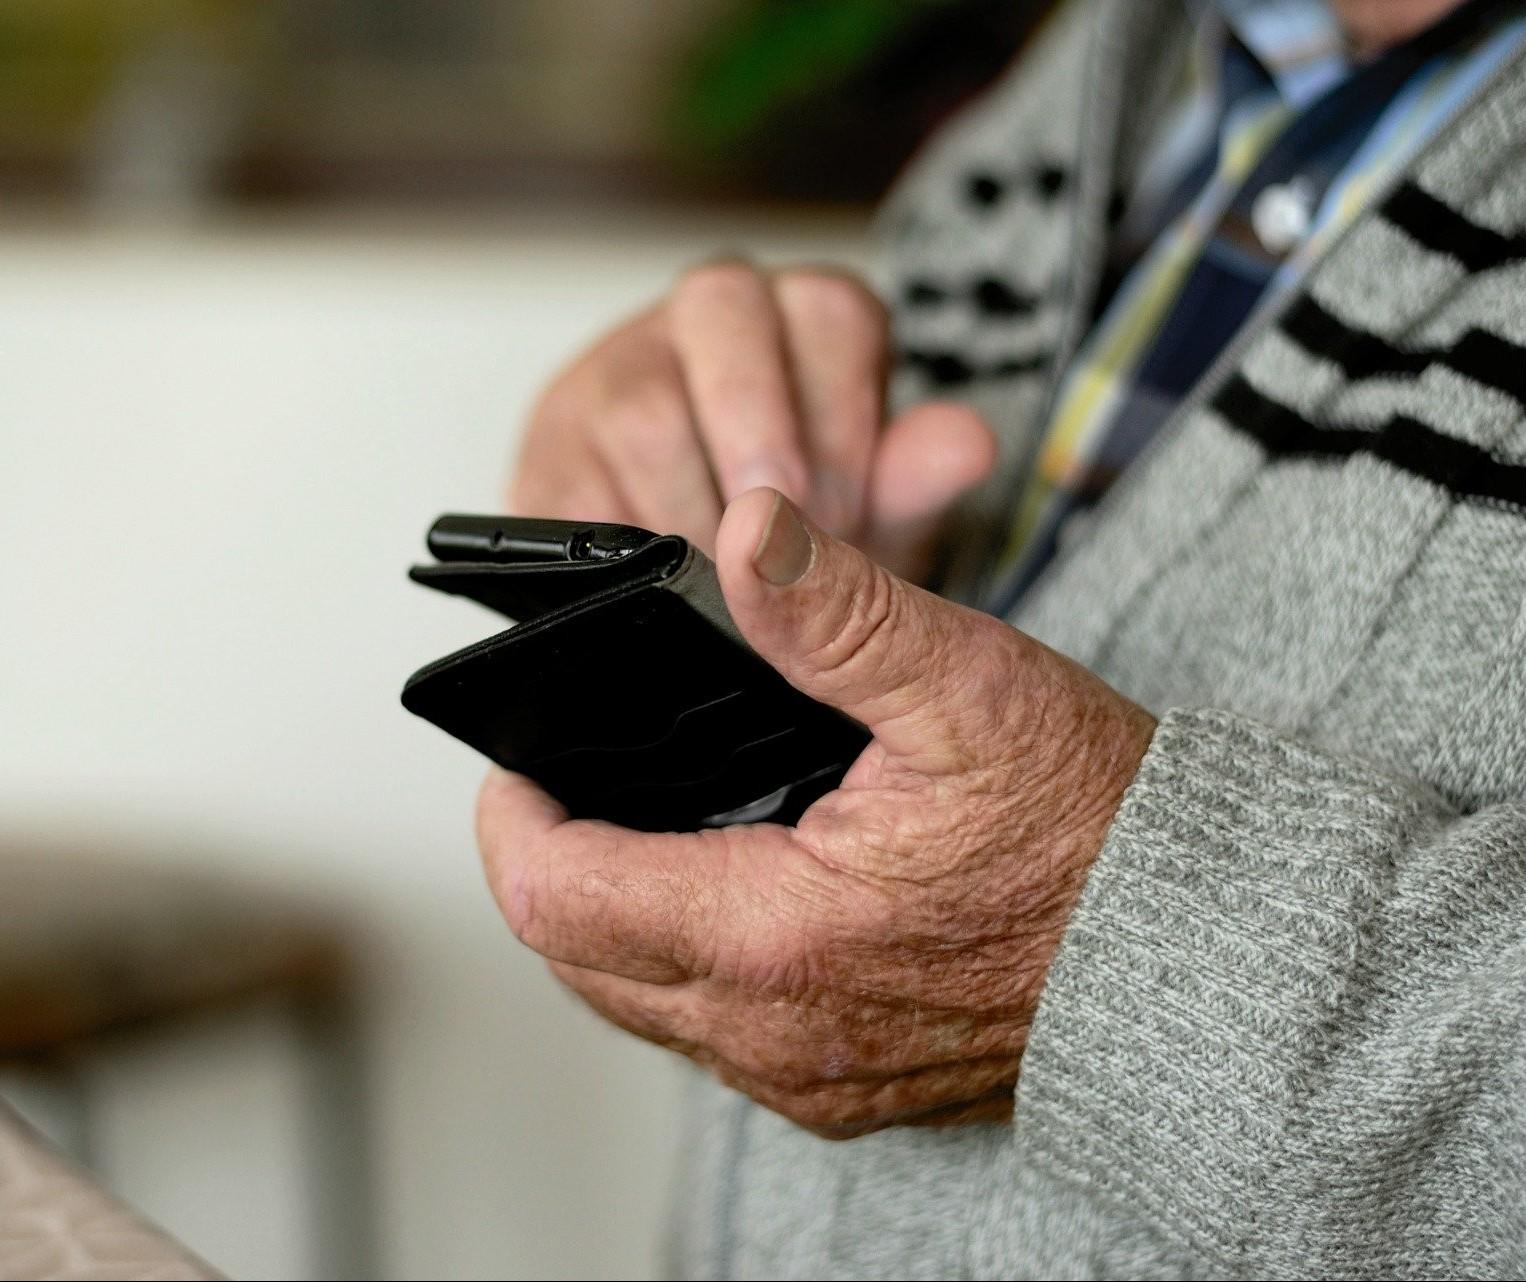 Jovens católicos ensinam idosos a utilizar o aparelho celular